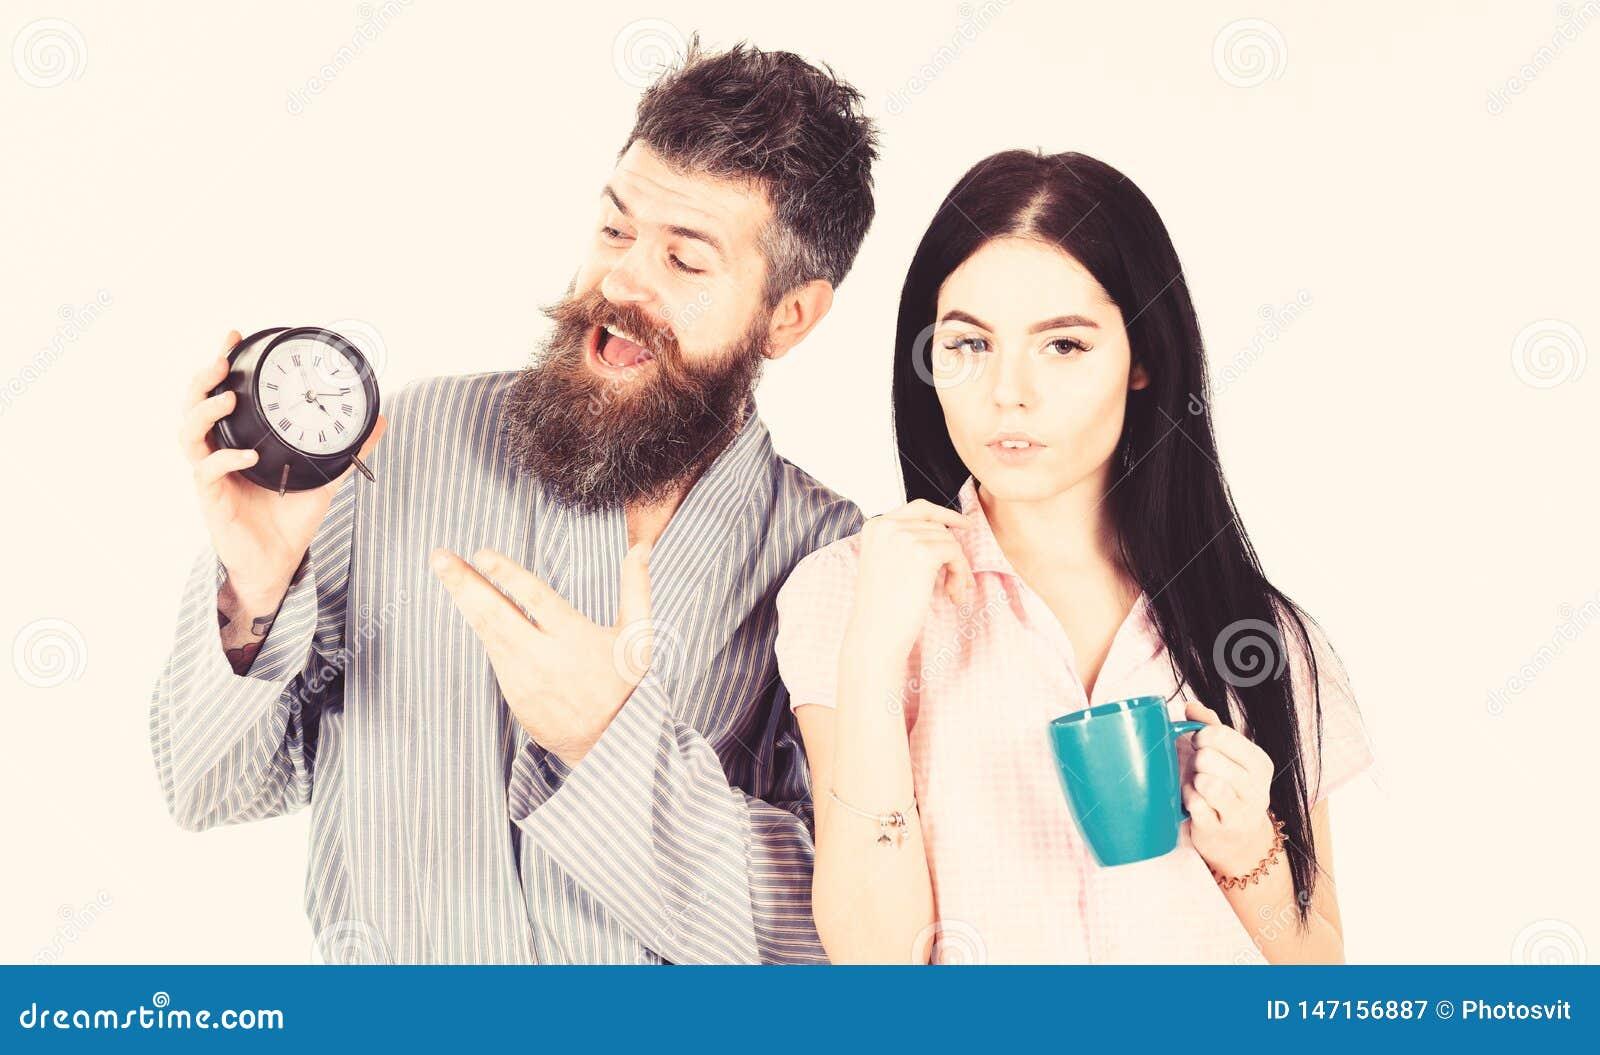 Het meisje met koffiekop, mens houdt klok in hand Het paar, familie ontwaakte op tijd Paar in liefde, jonge familie in pyjama